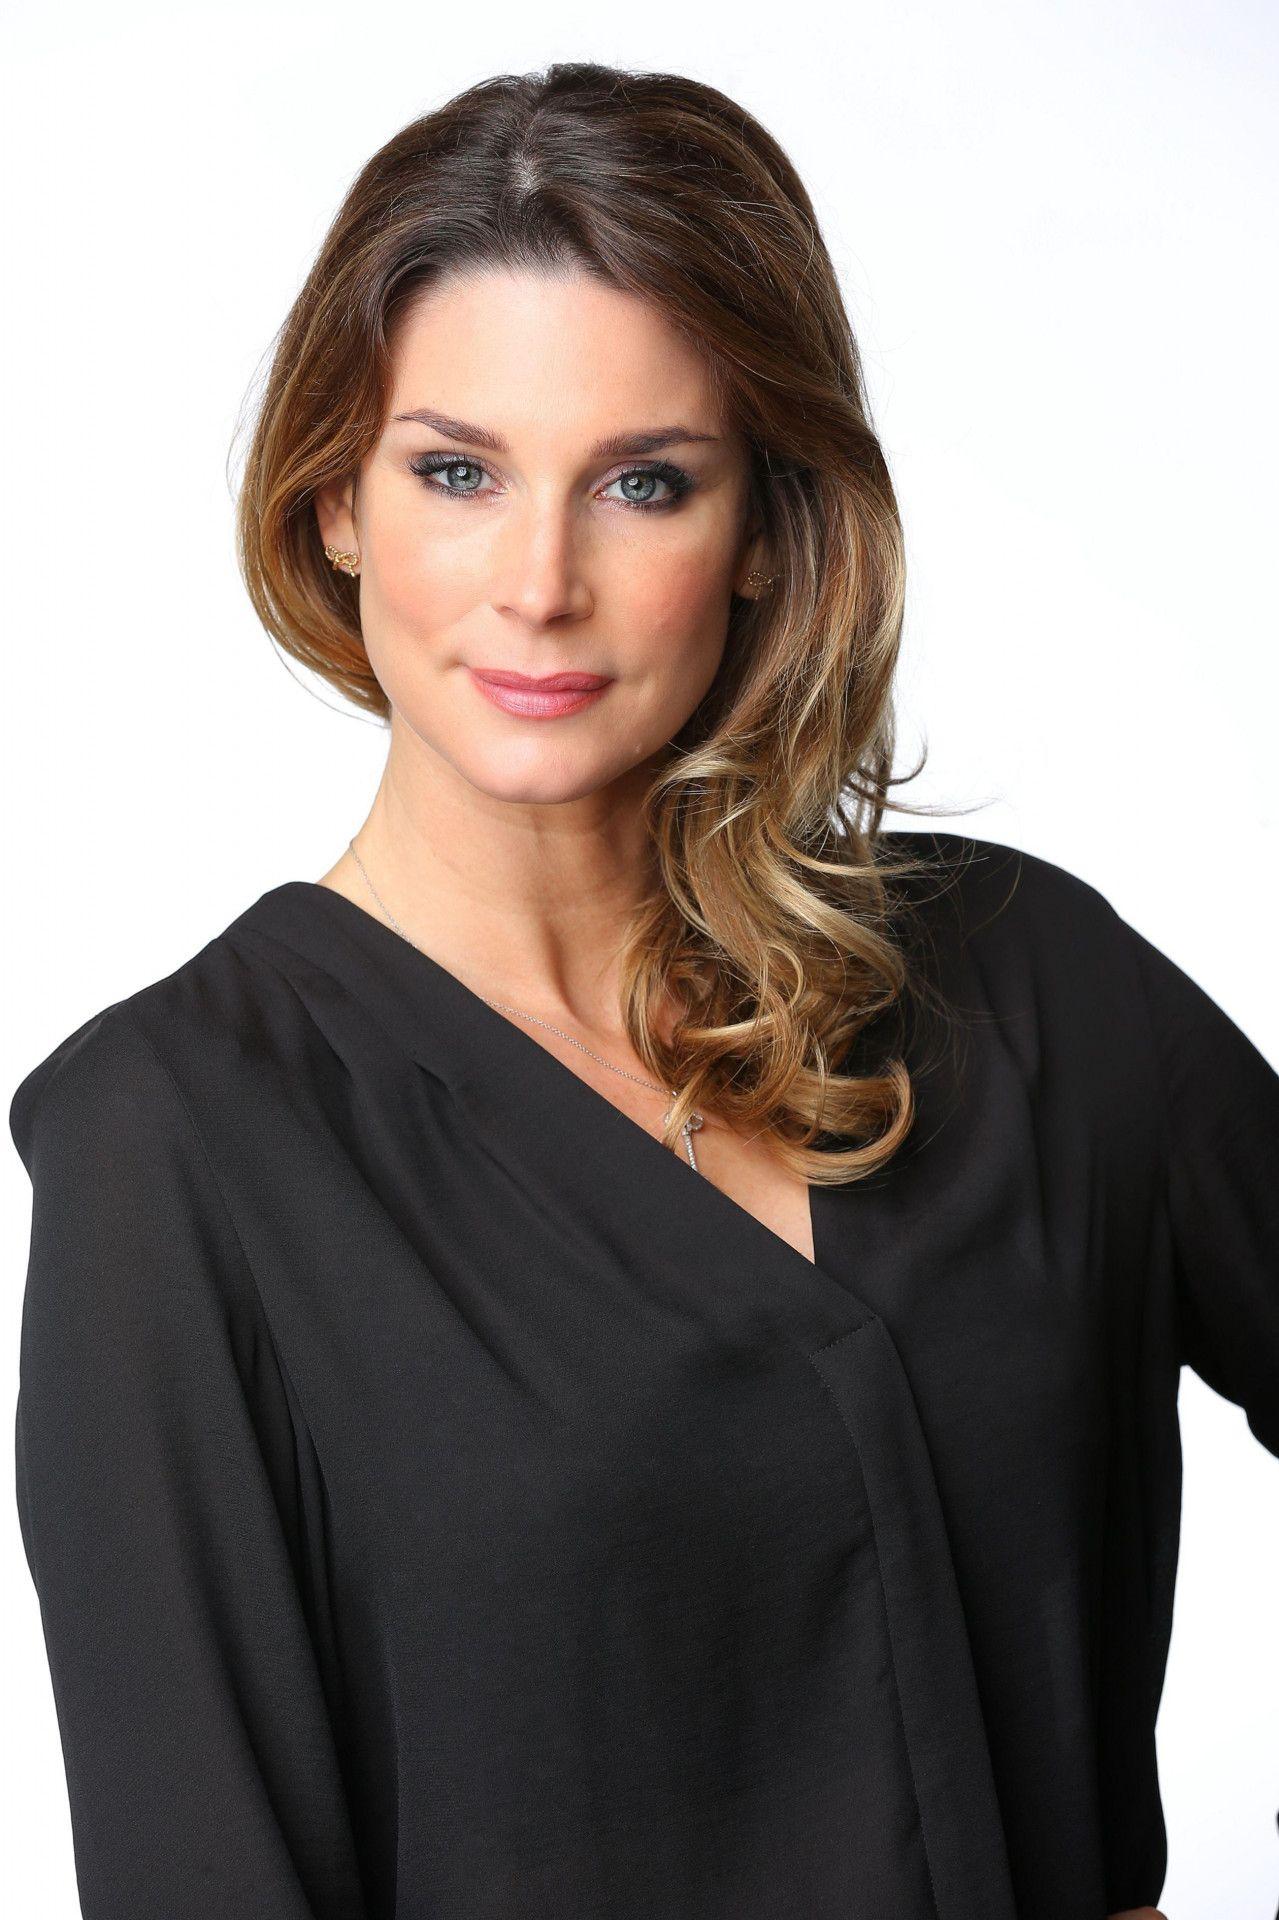 Schauspielerin Claudelle Deckert zog sich für die Februar-Ausgabe 2013 aus. 2021 war sie im Januar gemeinsam mit ihrer Tochter Romy auf dem Cover. Sie mit 46, ihre Tochter mit 22 Jahren.